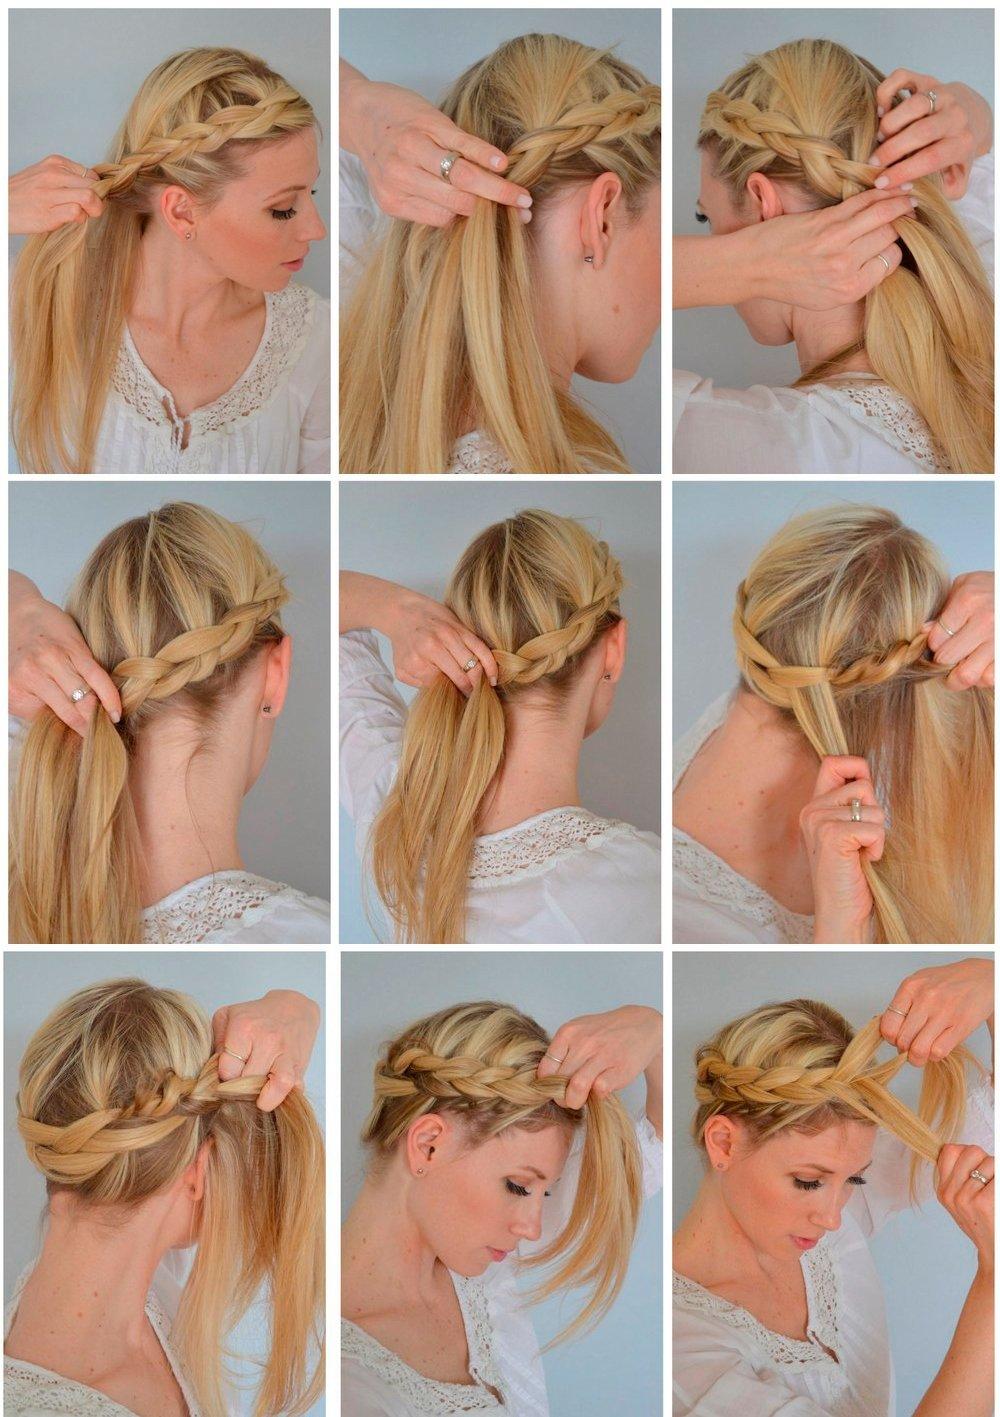 Как заплести самой себе причёску картинки